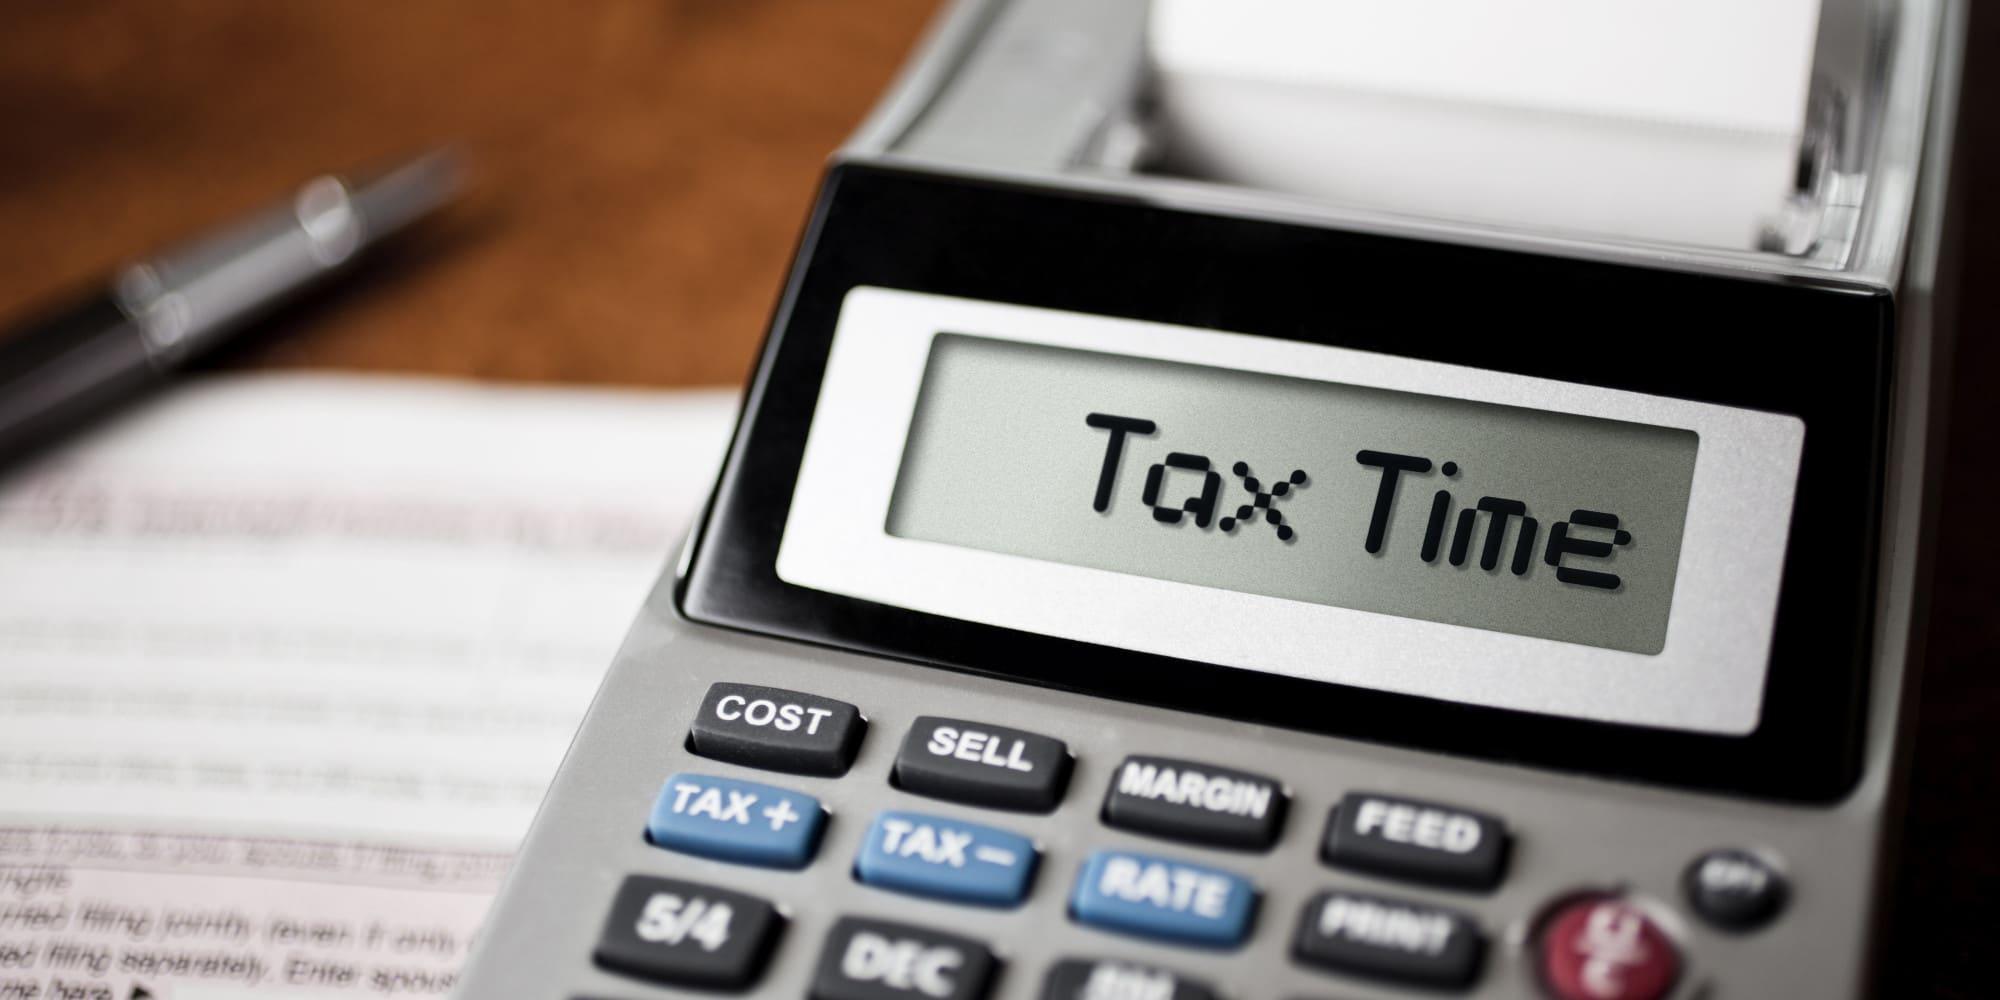 Comment bien préparer sa déclaration fiscale ?